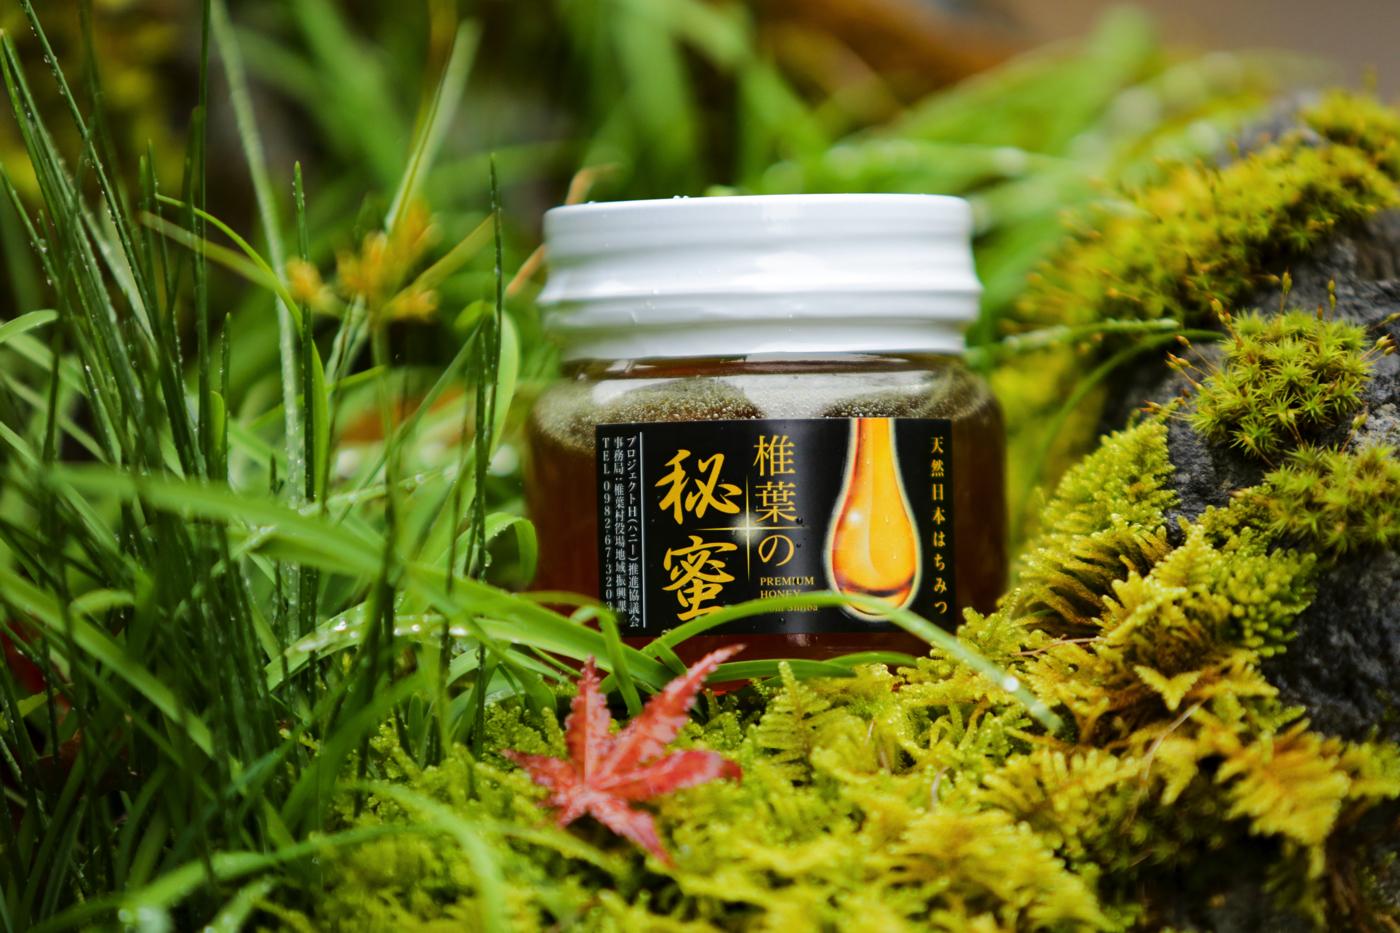 優しい甘さと自然の香りが、口いっぱいに広がります。今日見てきた、木々や滝、緑、雨の粒、そして春に咲いていただろういくつもの花、そのすべてを感じる香りです